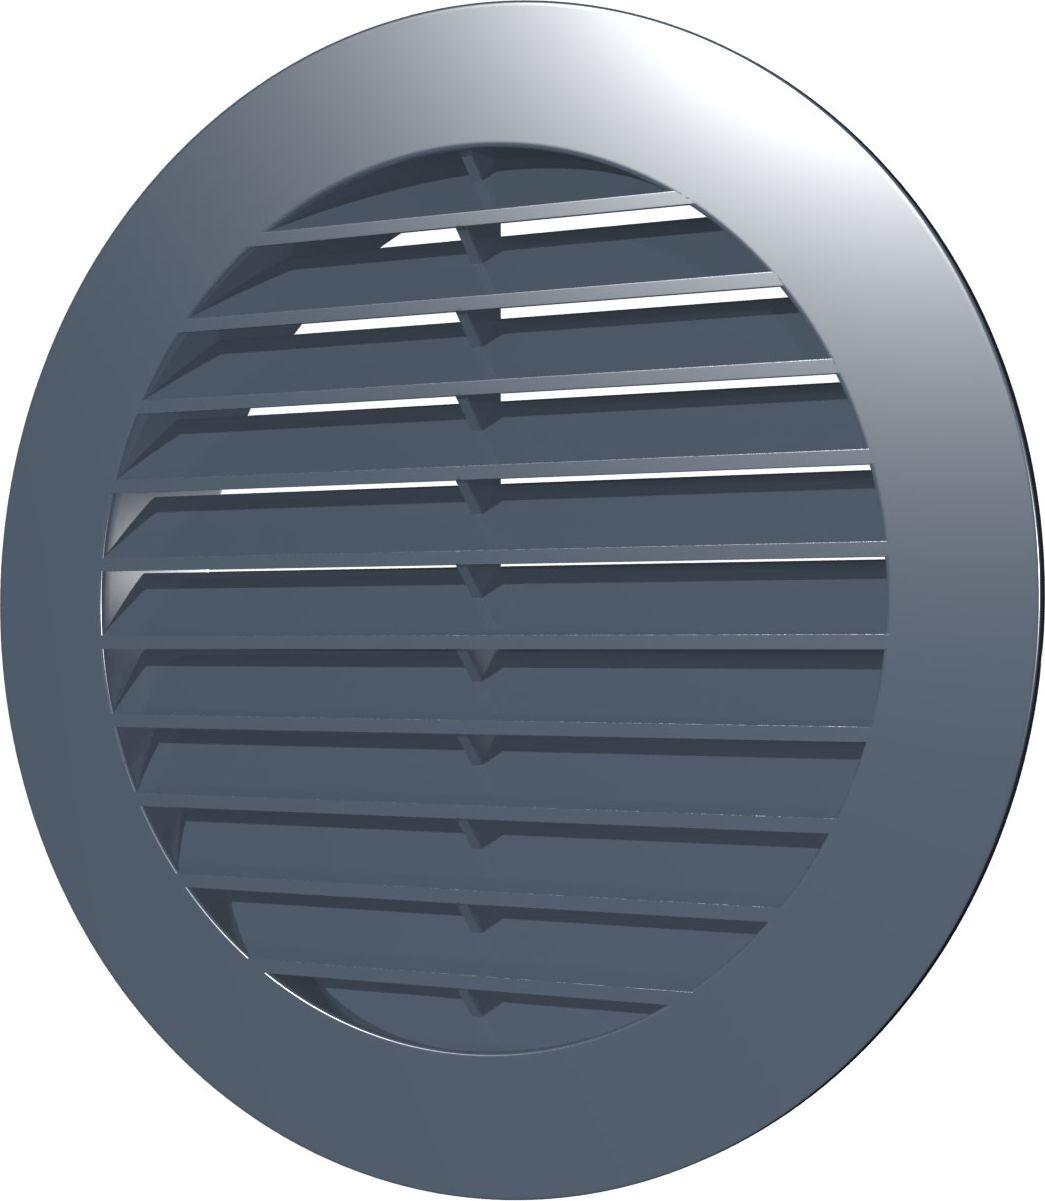 Вентиляционная решетка Street Line, 16РКН, серый, наружная, круглая, с фланцем